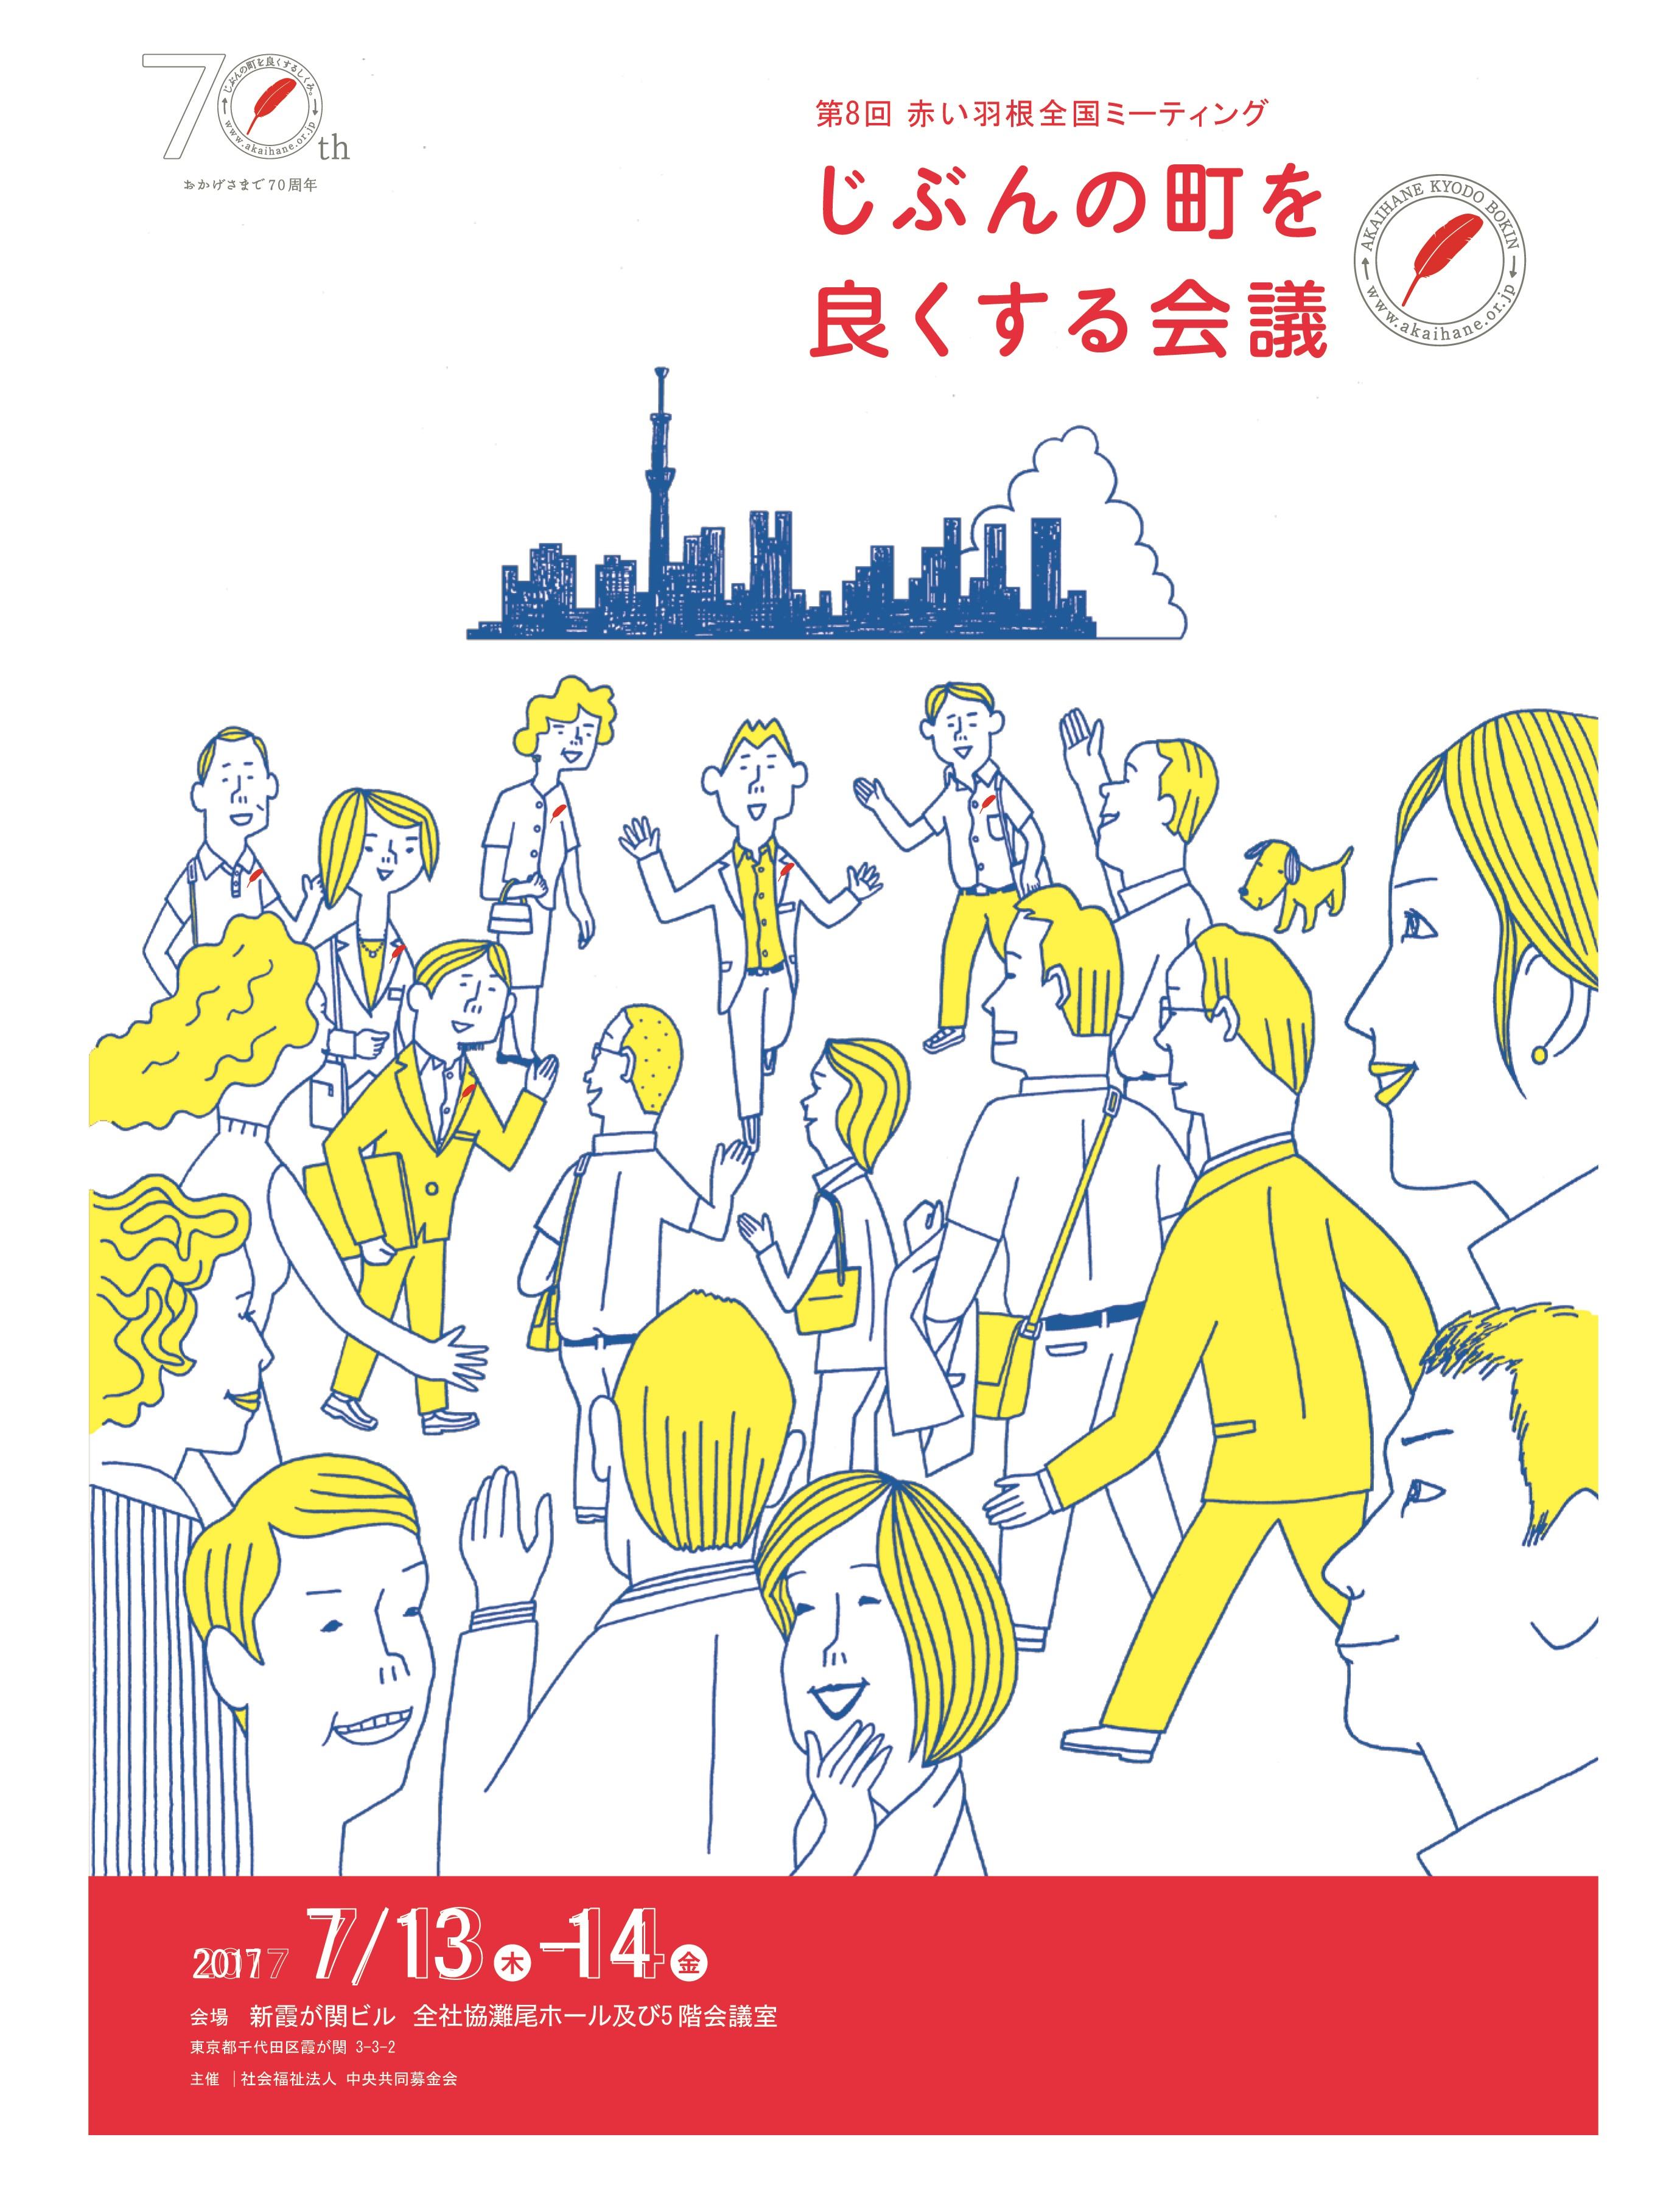 第8回赤い羽根全国ミーティング開催要項 (1).jpg